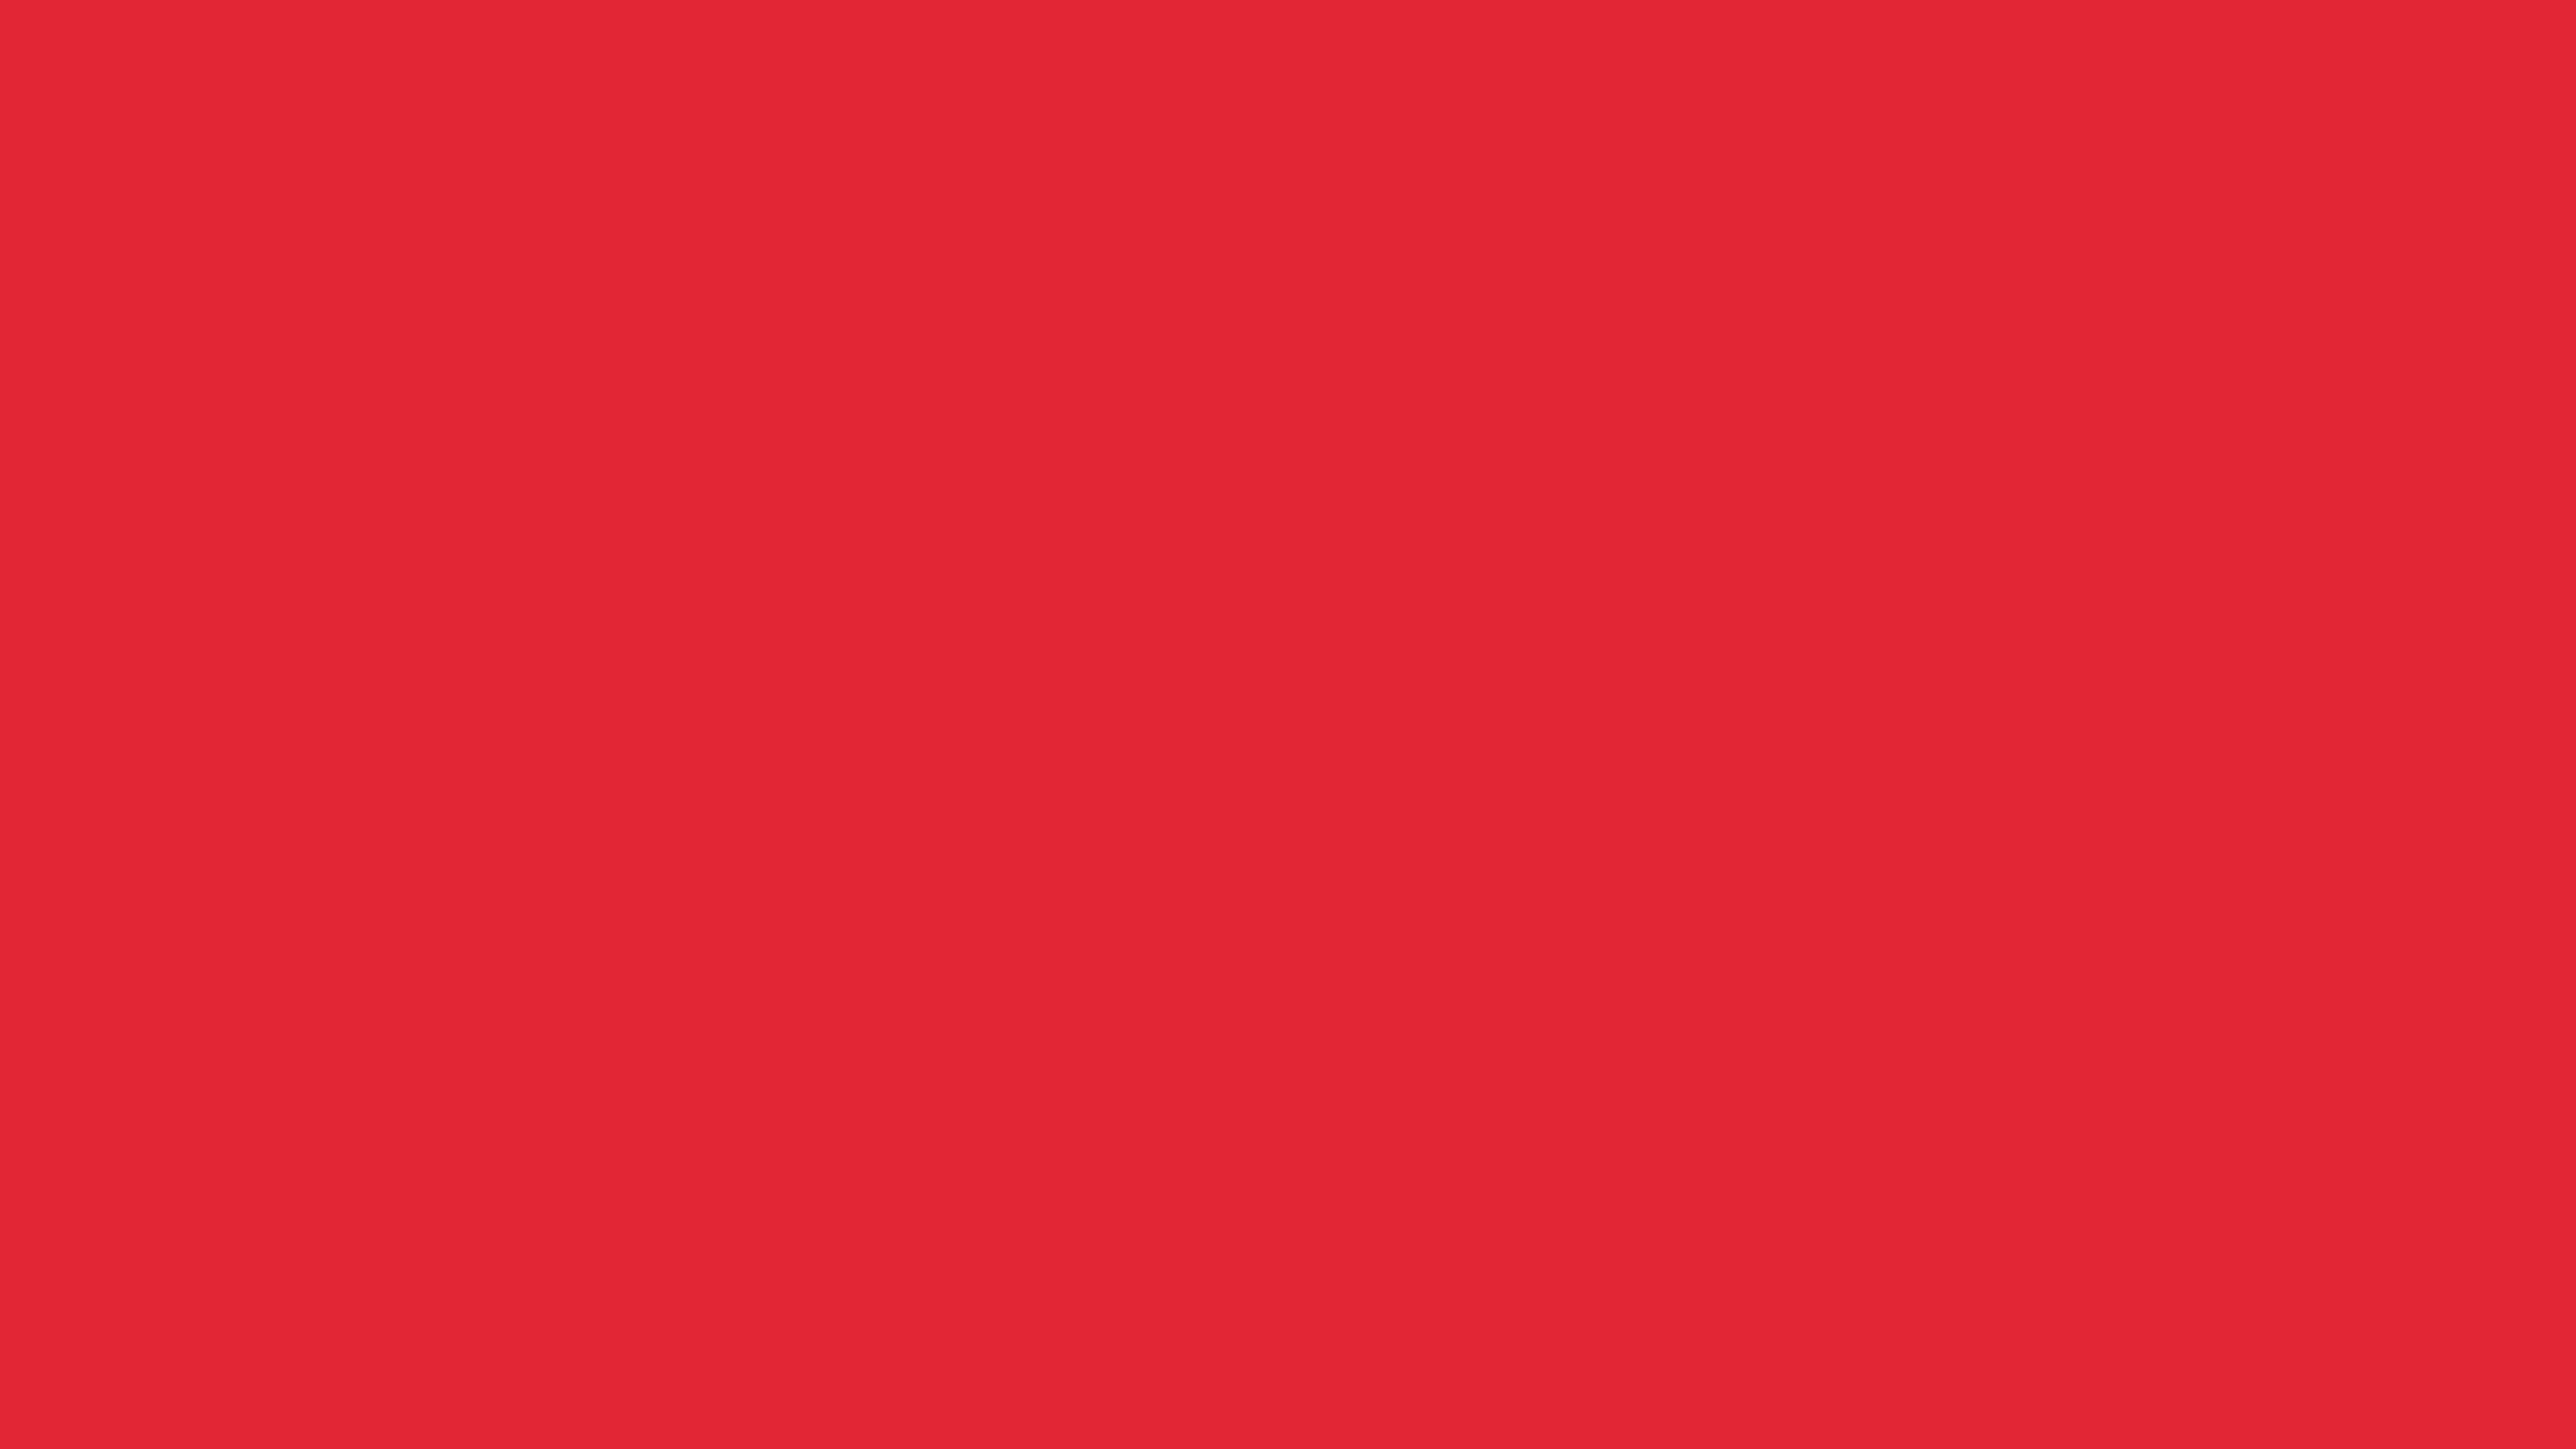 4096x2304 Rose Madder Solid Color Background